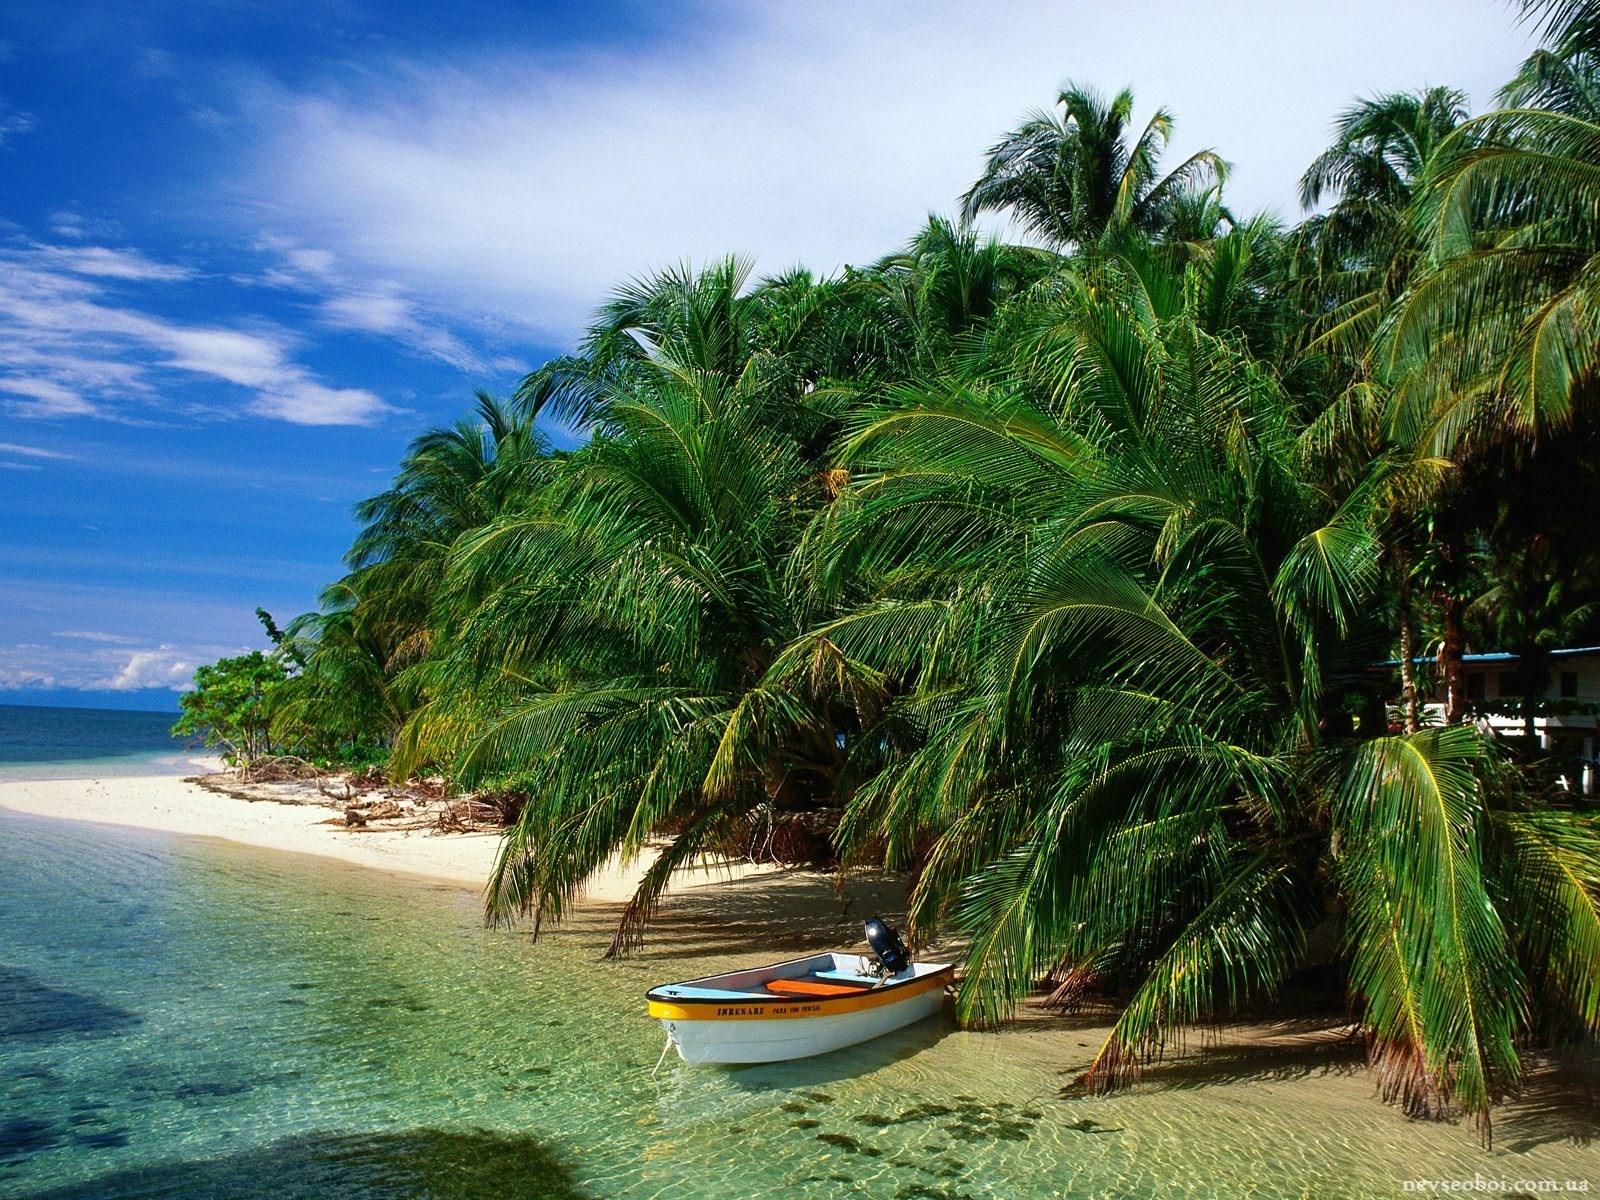 Paquetes a Bocas del Toro